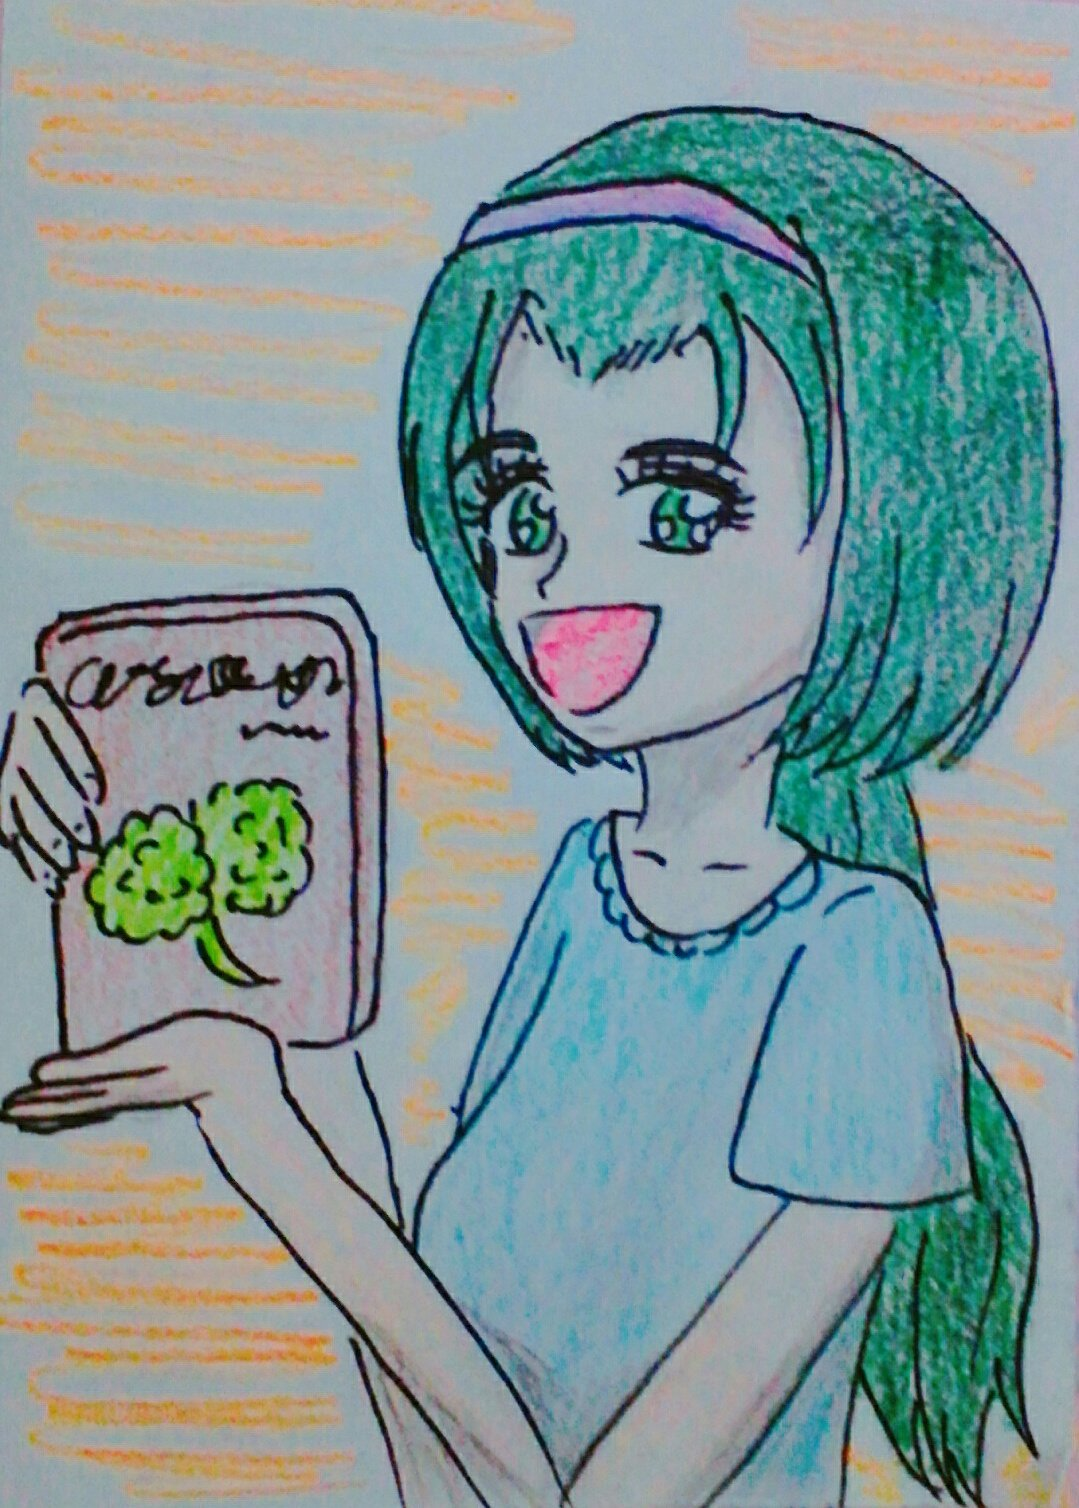 青織蓬酒 (@chanbr0306)さんのイラスト